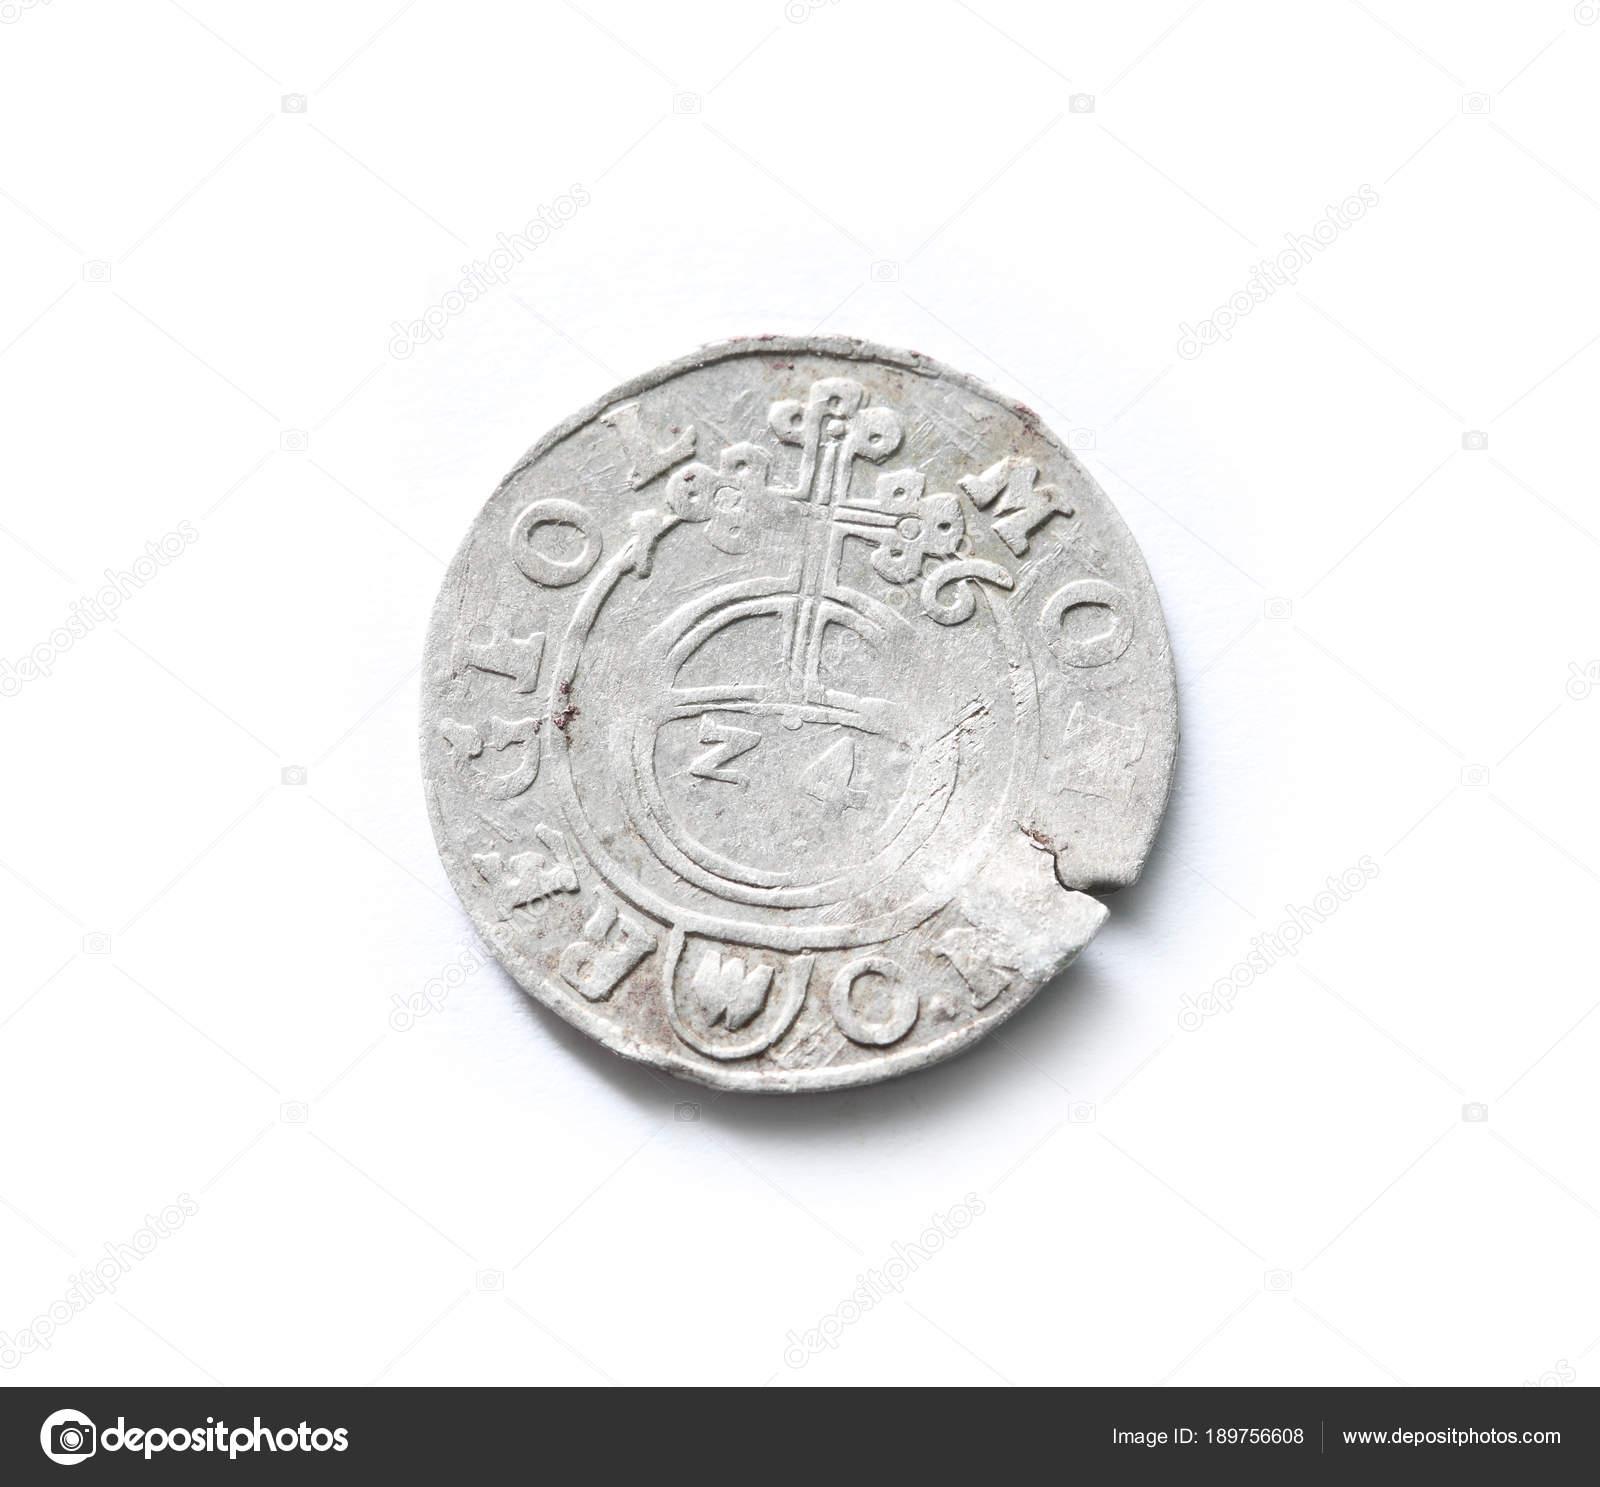 Antike Münze Des Litauischen Staates Poltorak Jahrhundert